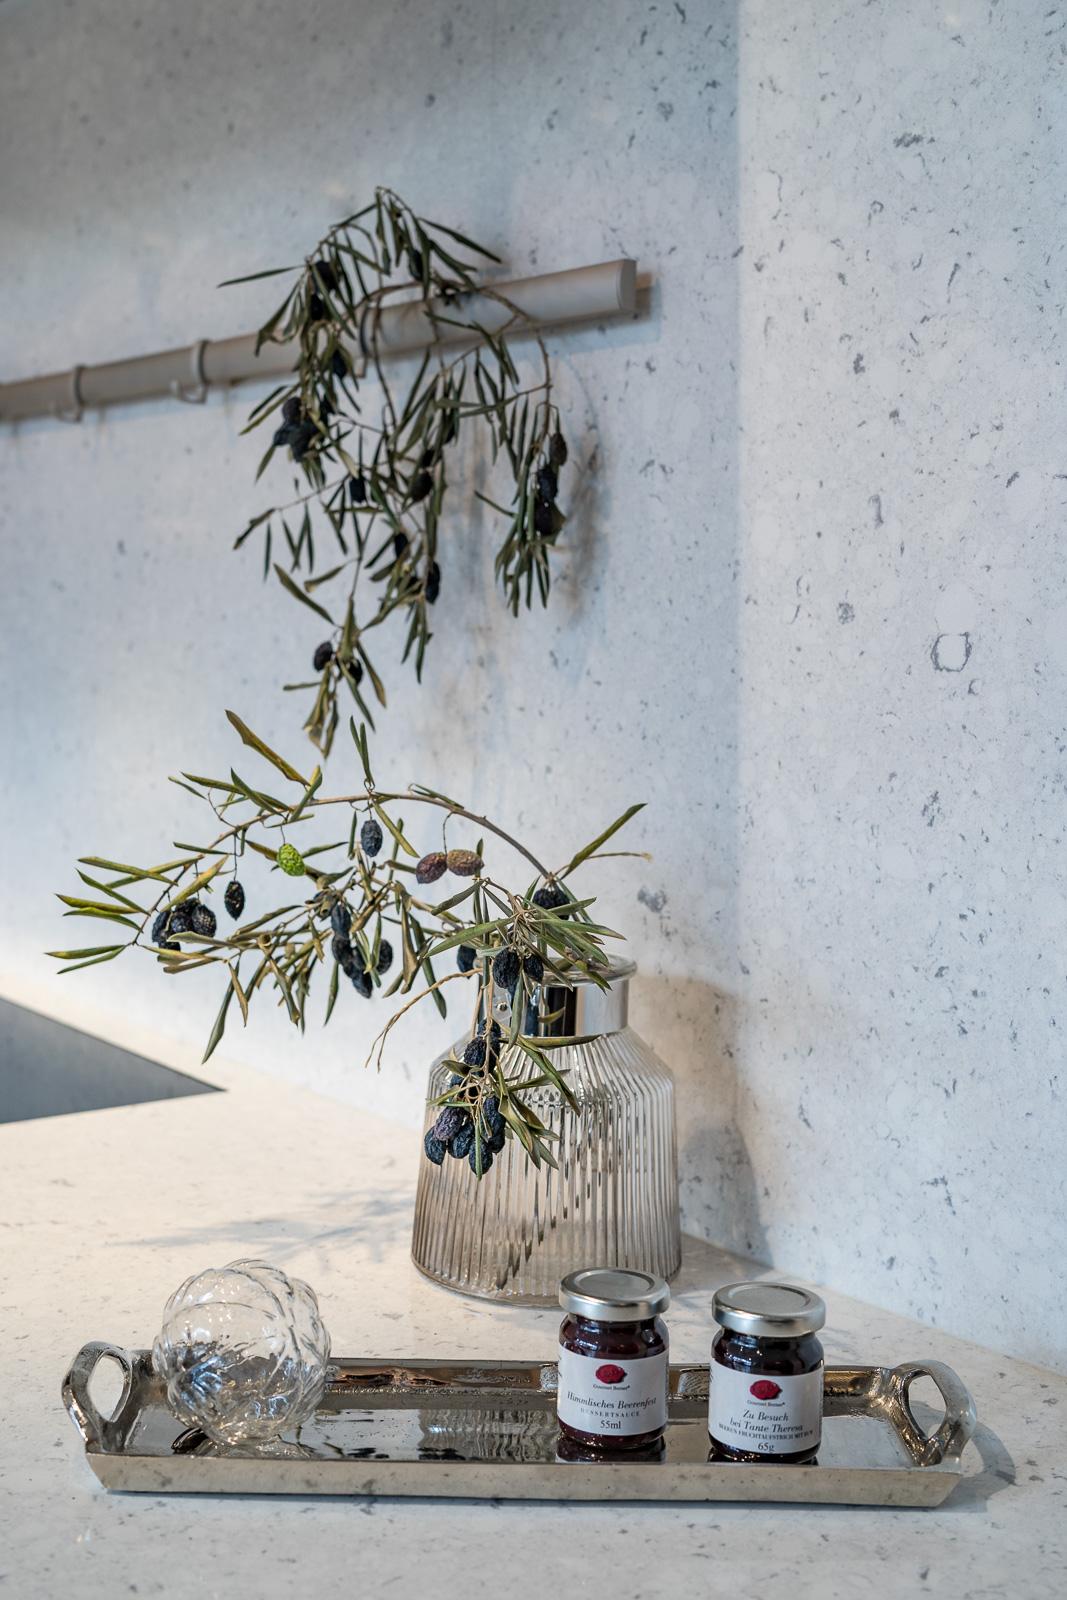 Küchen Galerie Bonn - Vase mit Olivenzweig- Businessshooting Bernadett Yehdou